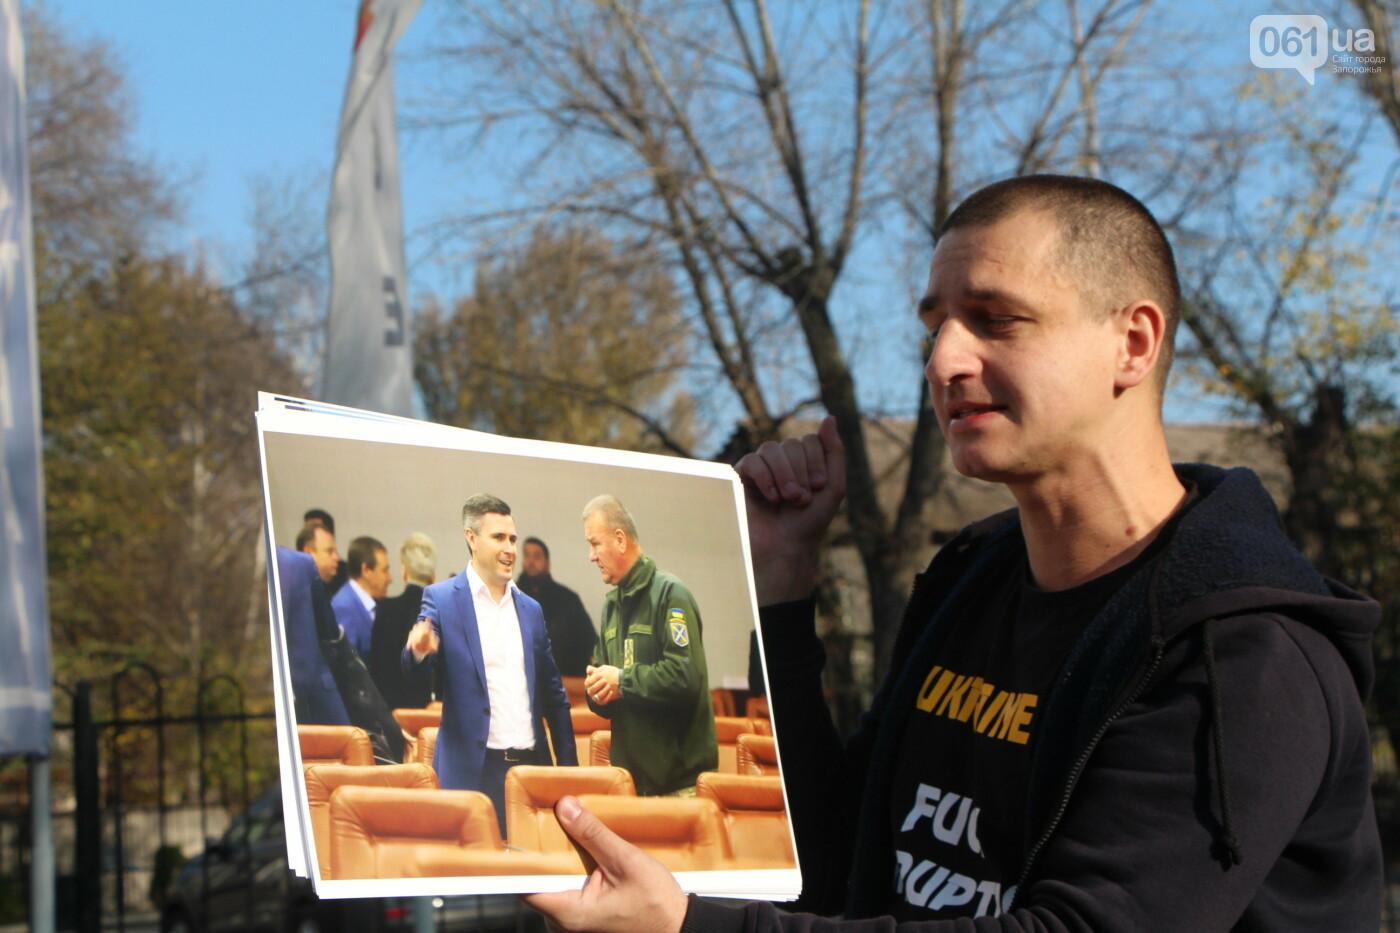 """""""Анисимов просто лох"""": на антикоррупционной экскурсии рассказали, кто приезжает в новый """"золотой офис"""", - ФОТОРЕПОРТАЖ, фото-24"""